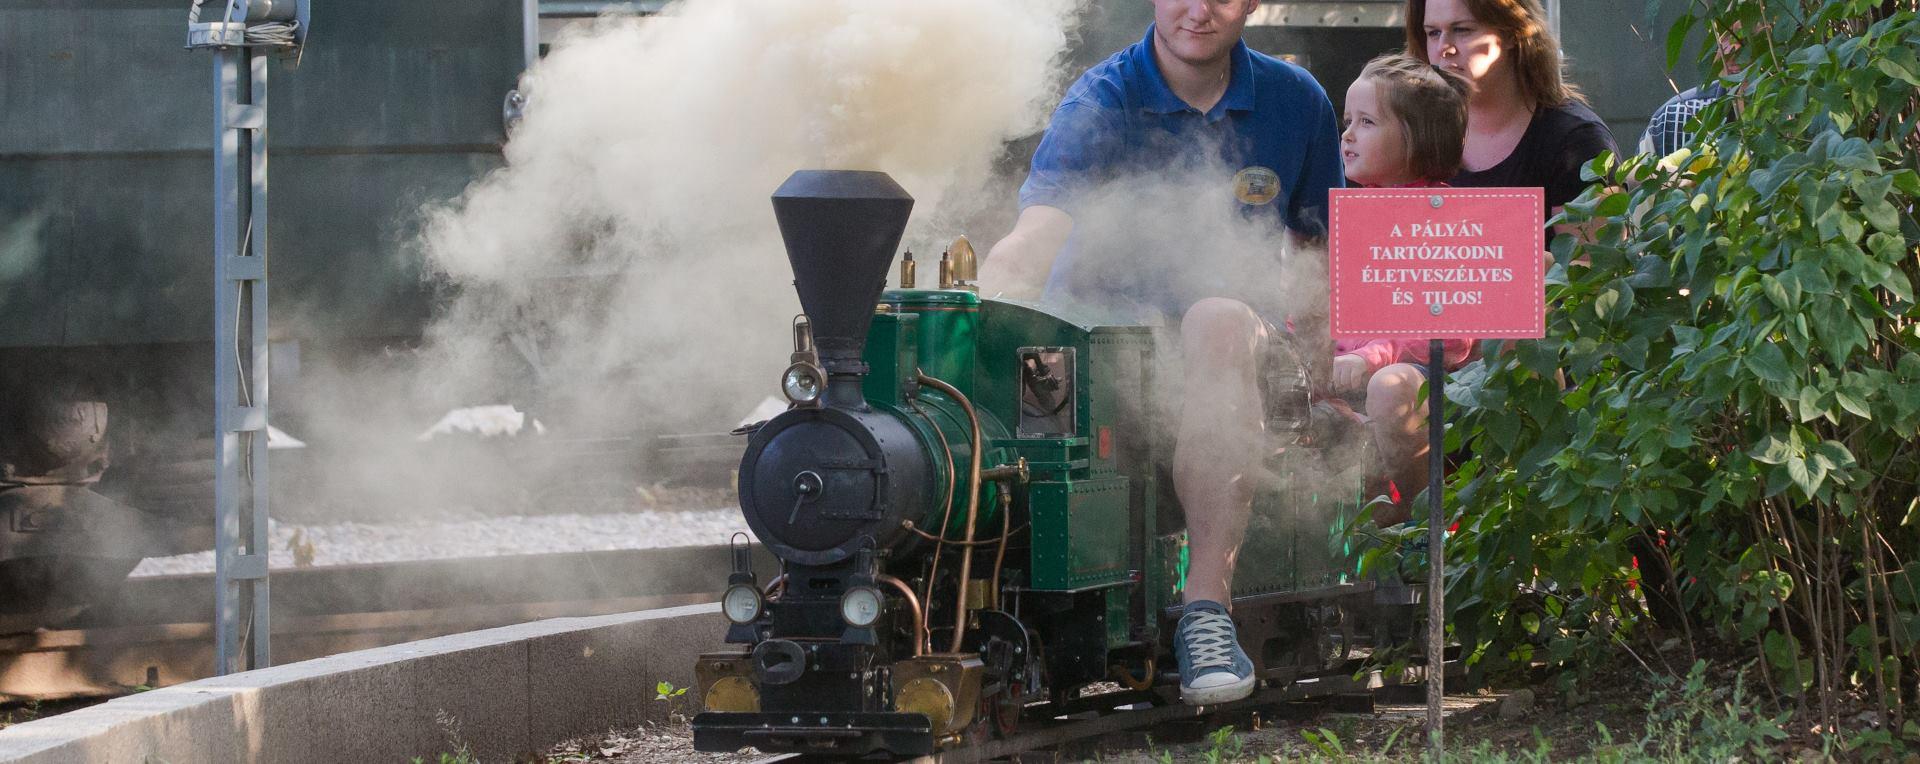 VIDEO: Mađarski muzej željeznice 'nudi vožnju' posjetiteljima